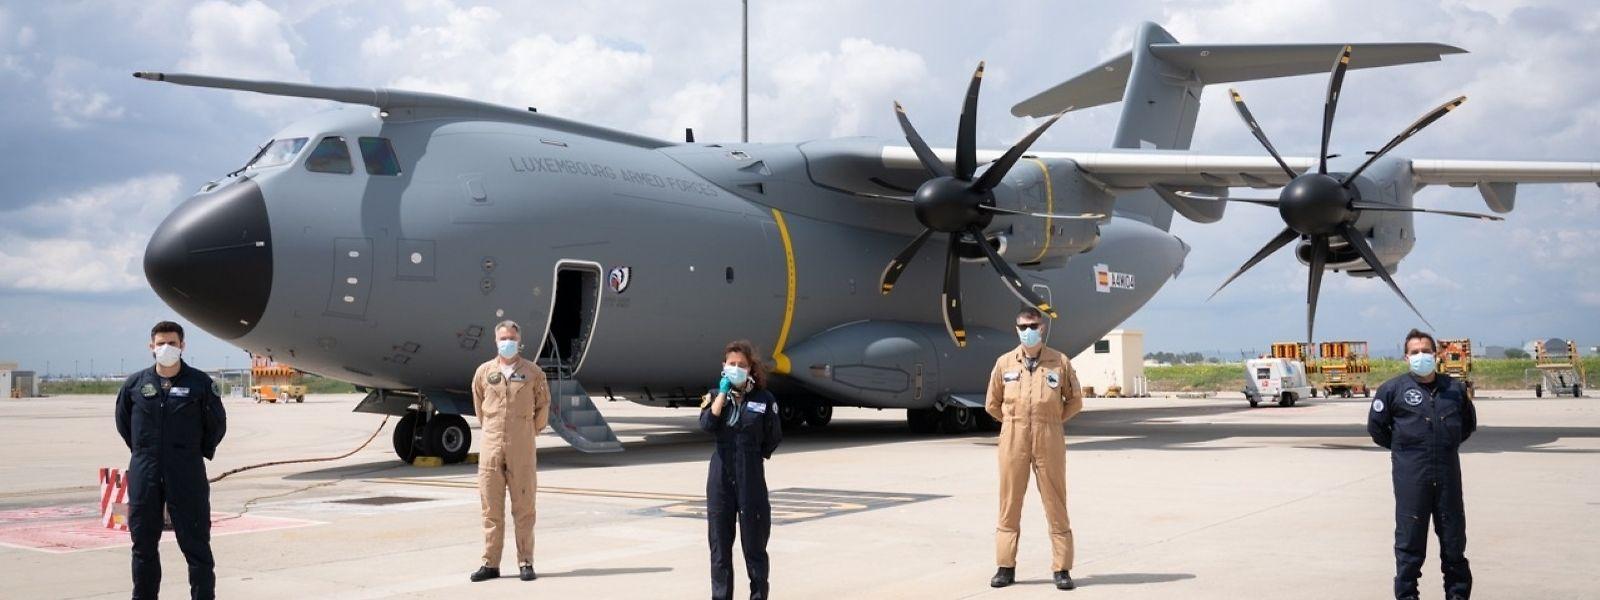 Les règles de distanciation sociale ont aussi été respectées sur le tarmac sévillan lors du vol inaugural de l'Airbus A400M